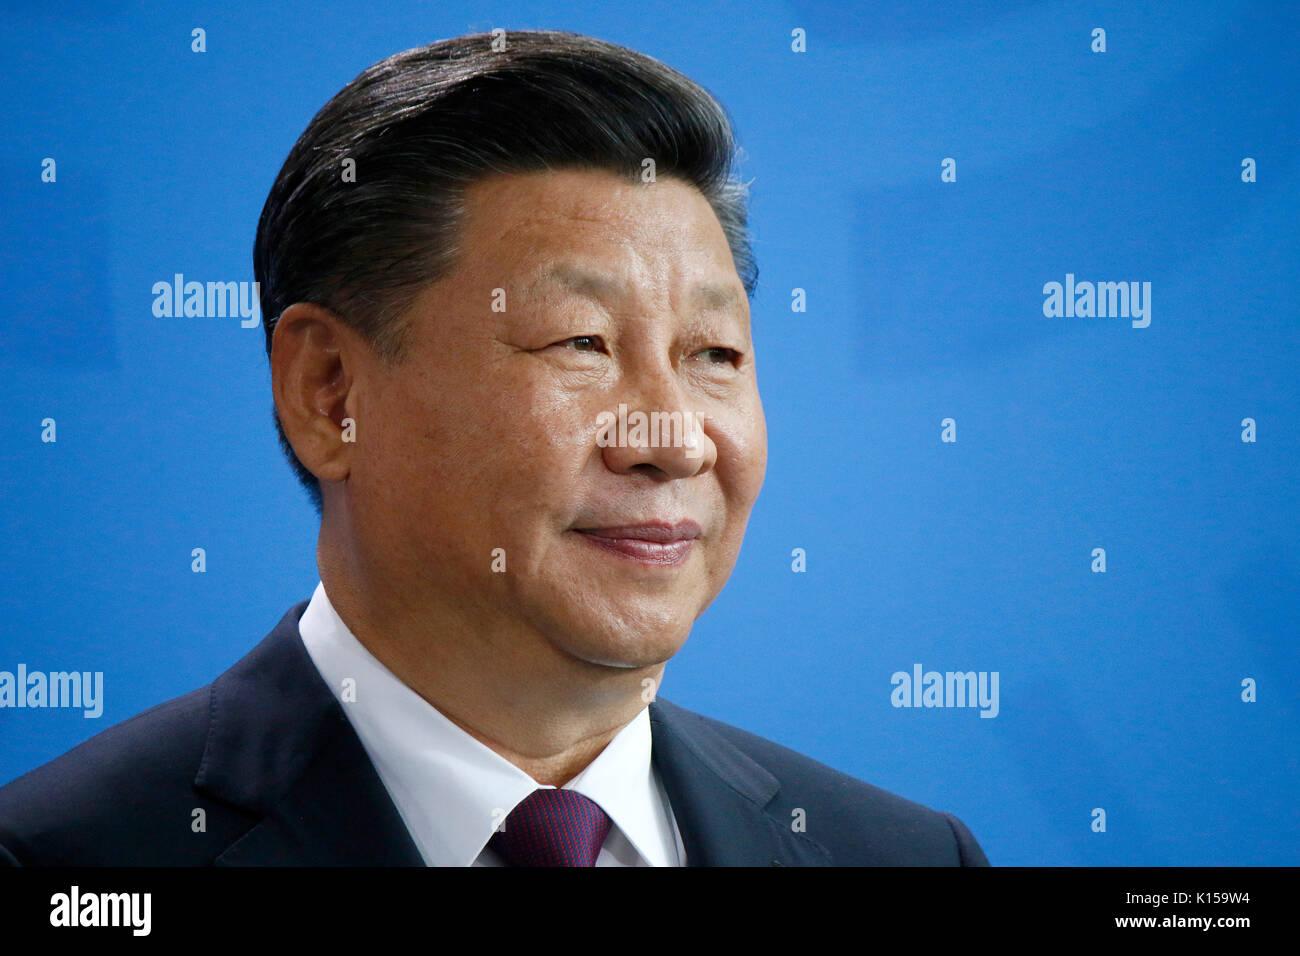 Xi Jinping - Treffen der dt. Bundeskanzlerin mit dem chinesischen Staatspraeisdenten, Bundeskanzleramt, 5. Juli 2017, Berlin. - Stock Image